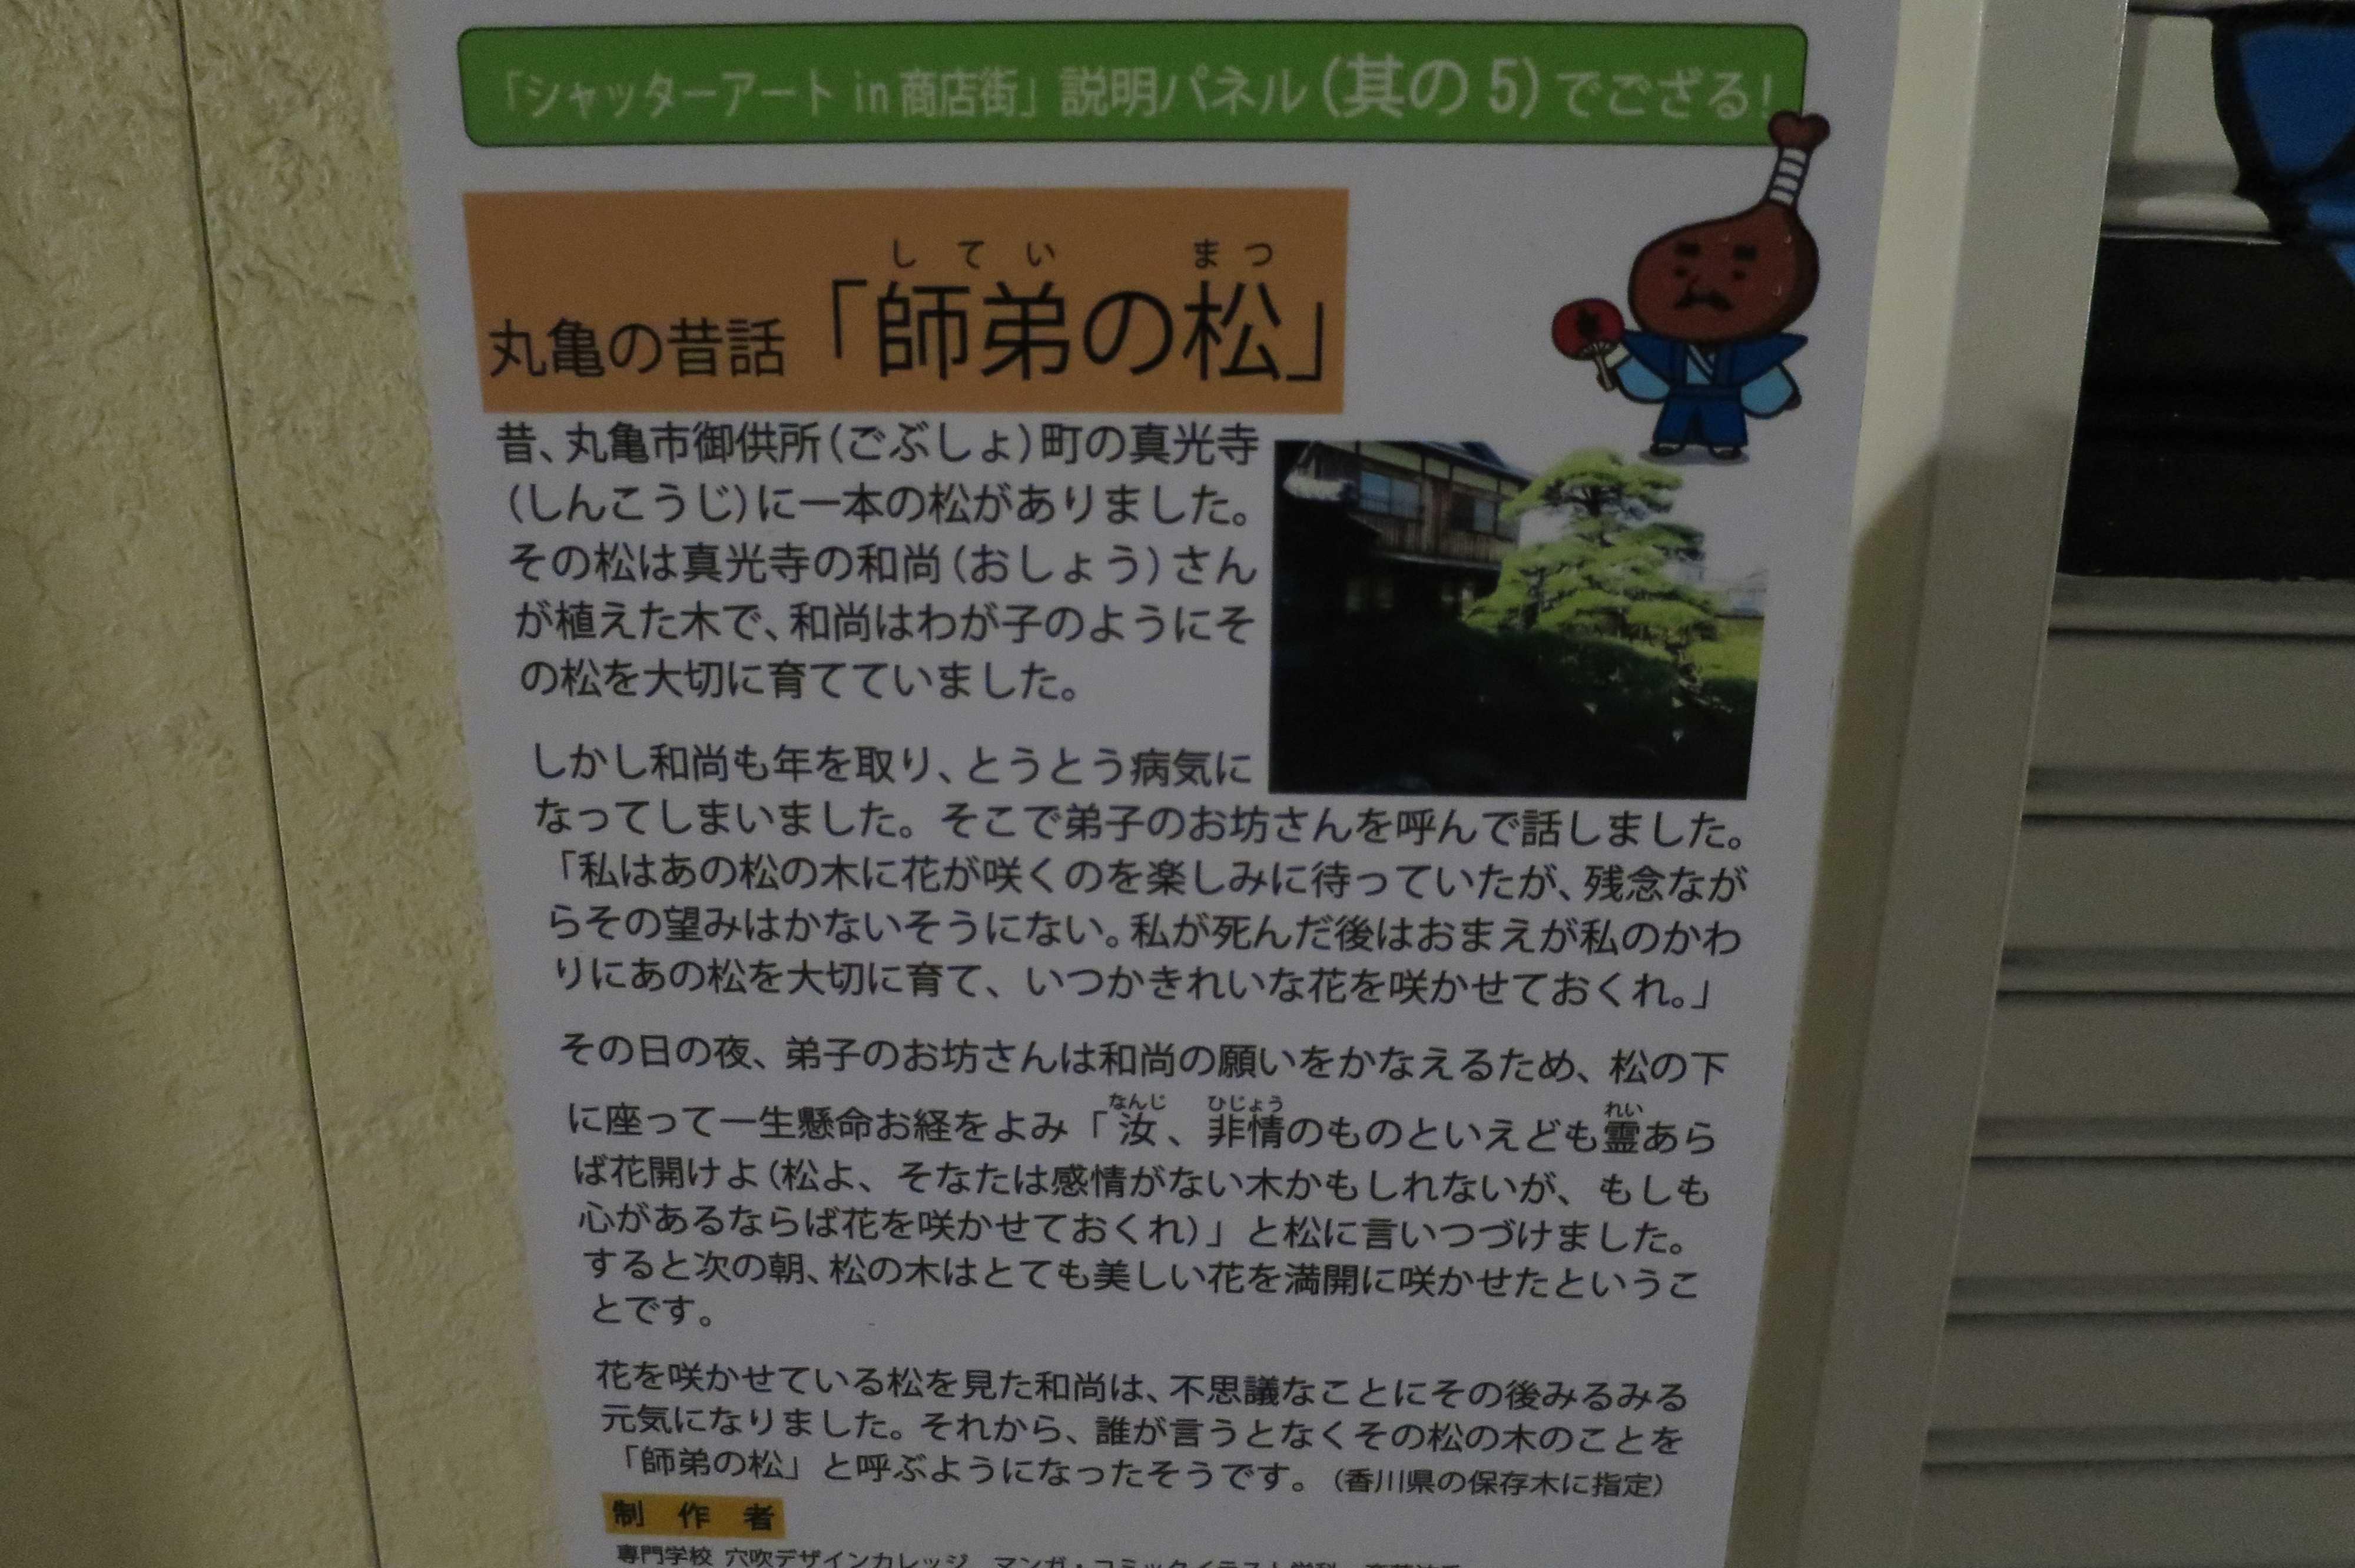 富谷町商店街: シャッターアート in 商店街  丸亀の昔話「師弟の松」